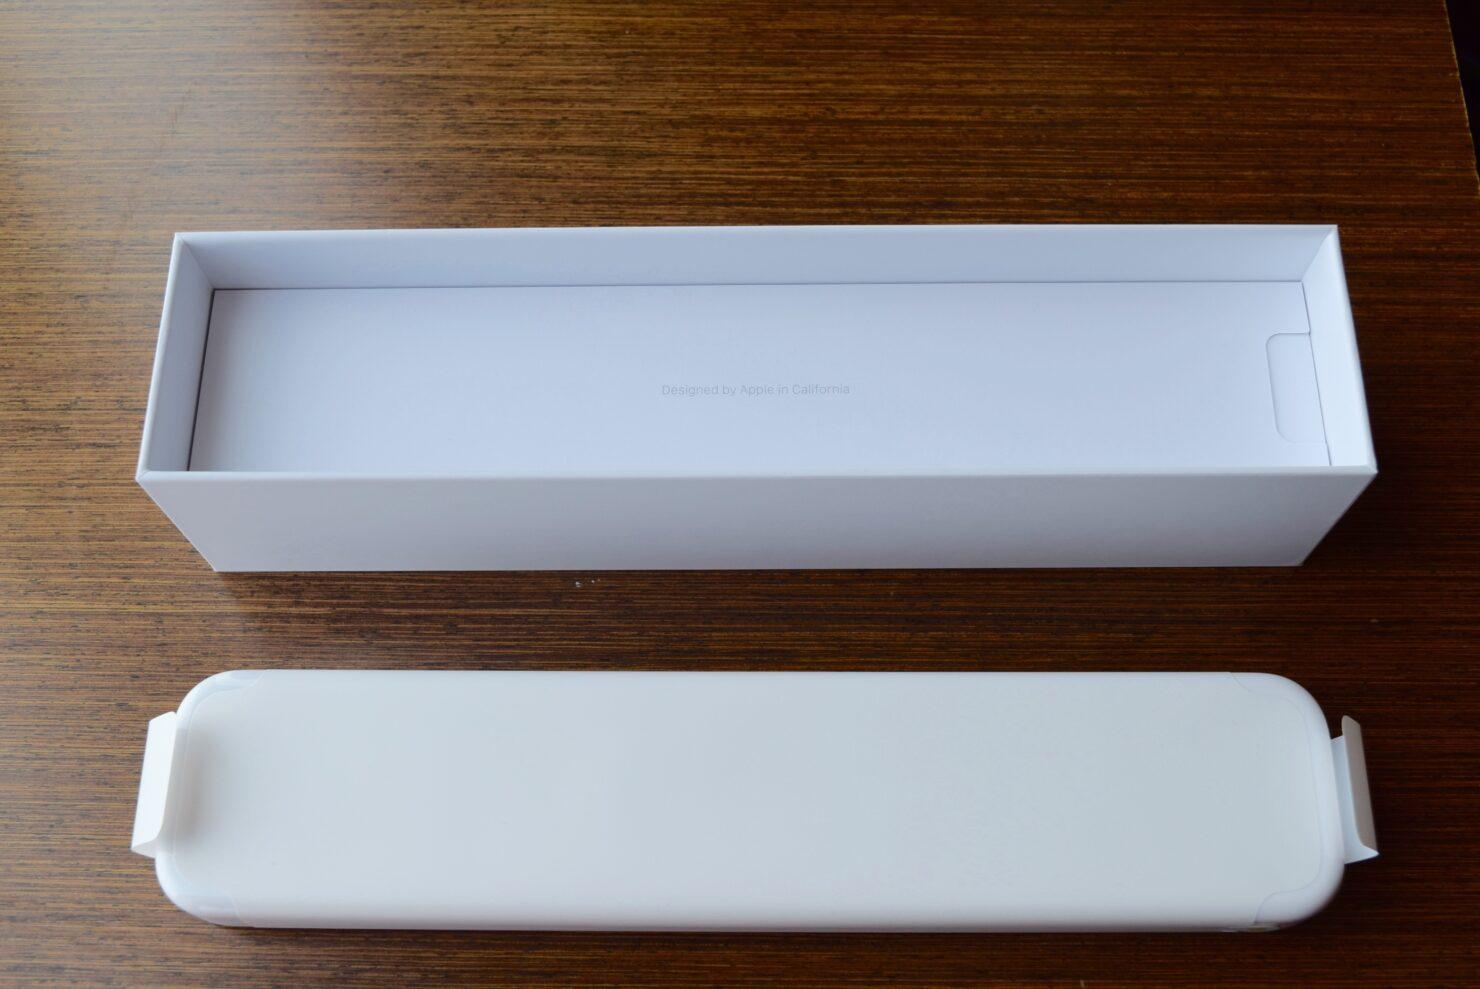 apple-watch-unboxing-dsc_0199